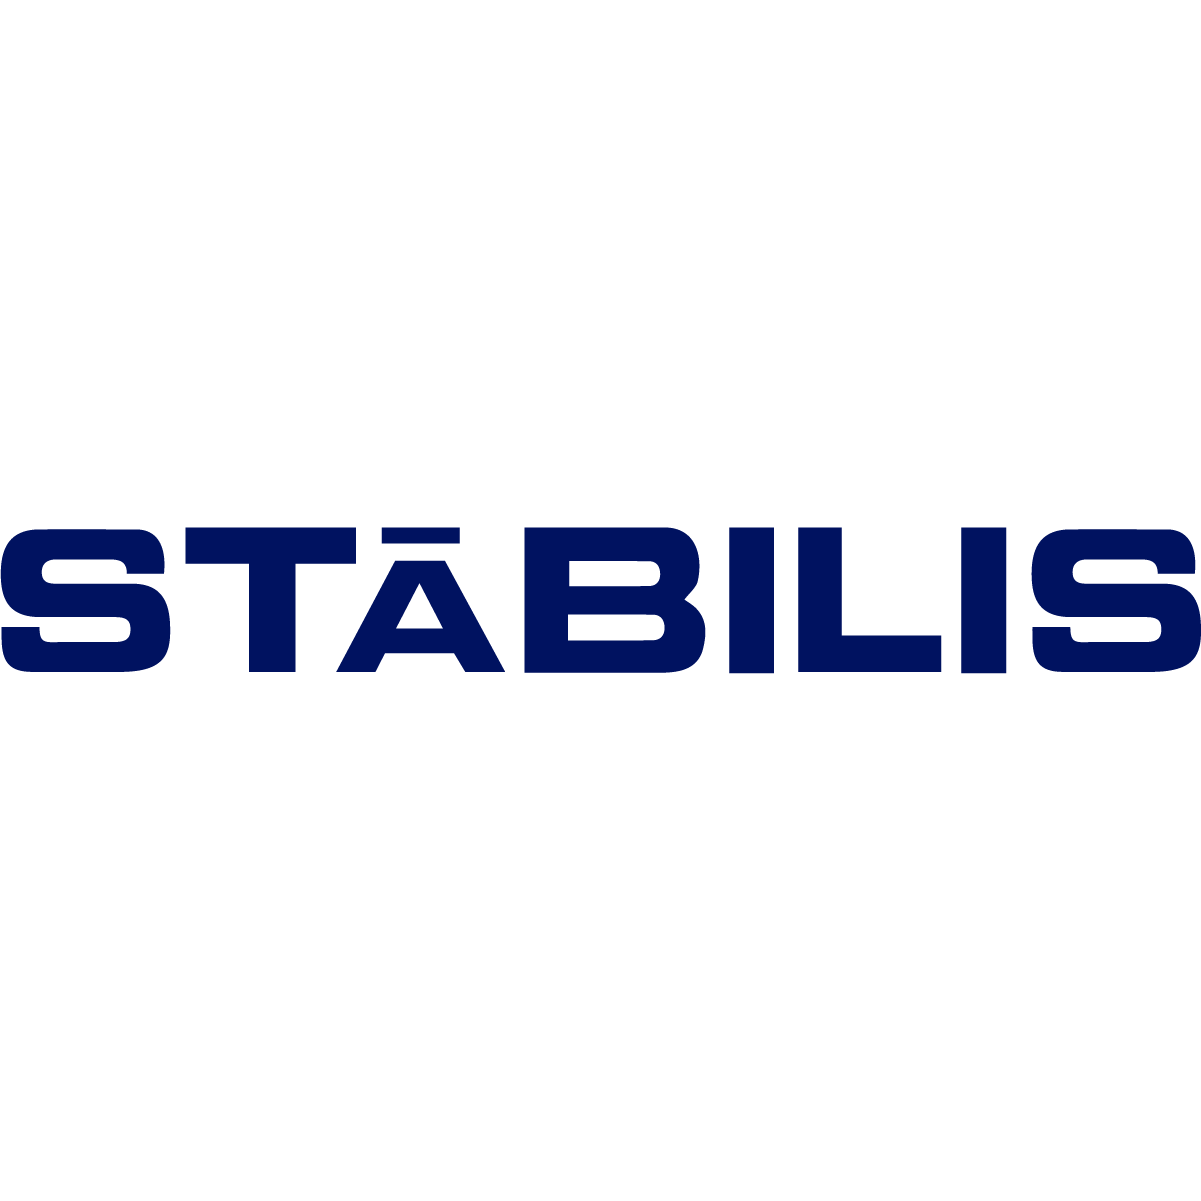 Stabilis Capital Management, LP